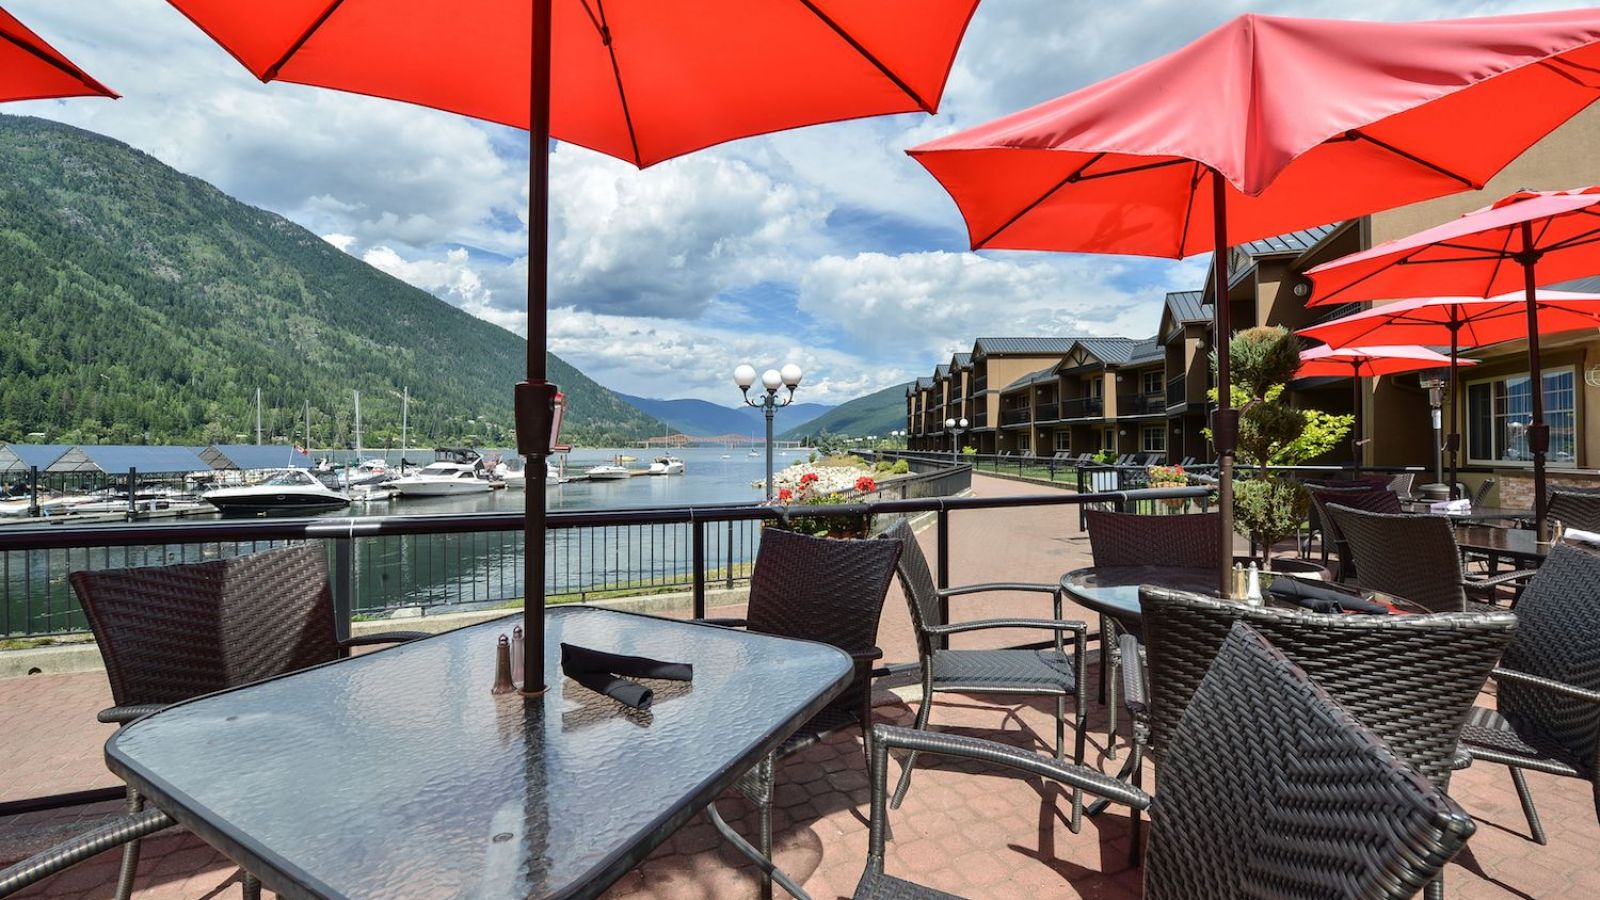 Prestige Lakeside Resort - East Kootenay golf packages